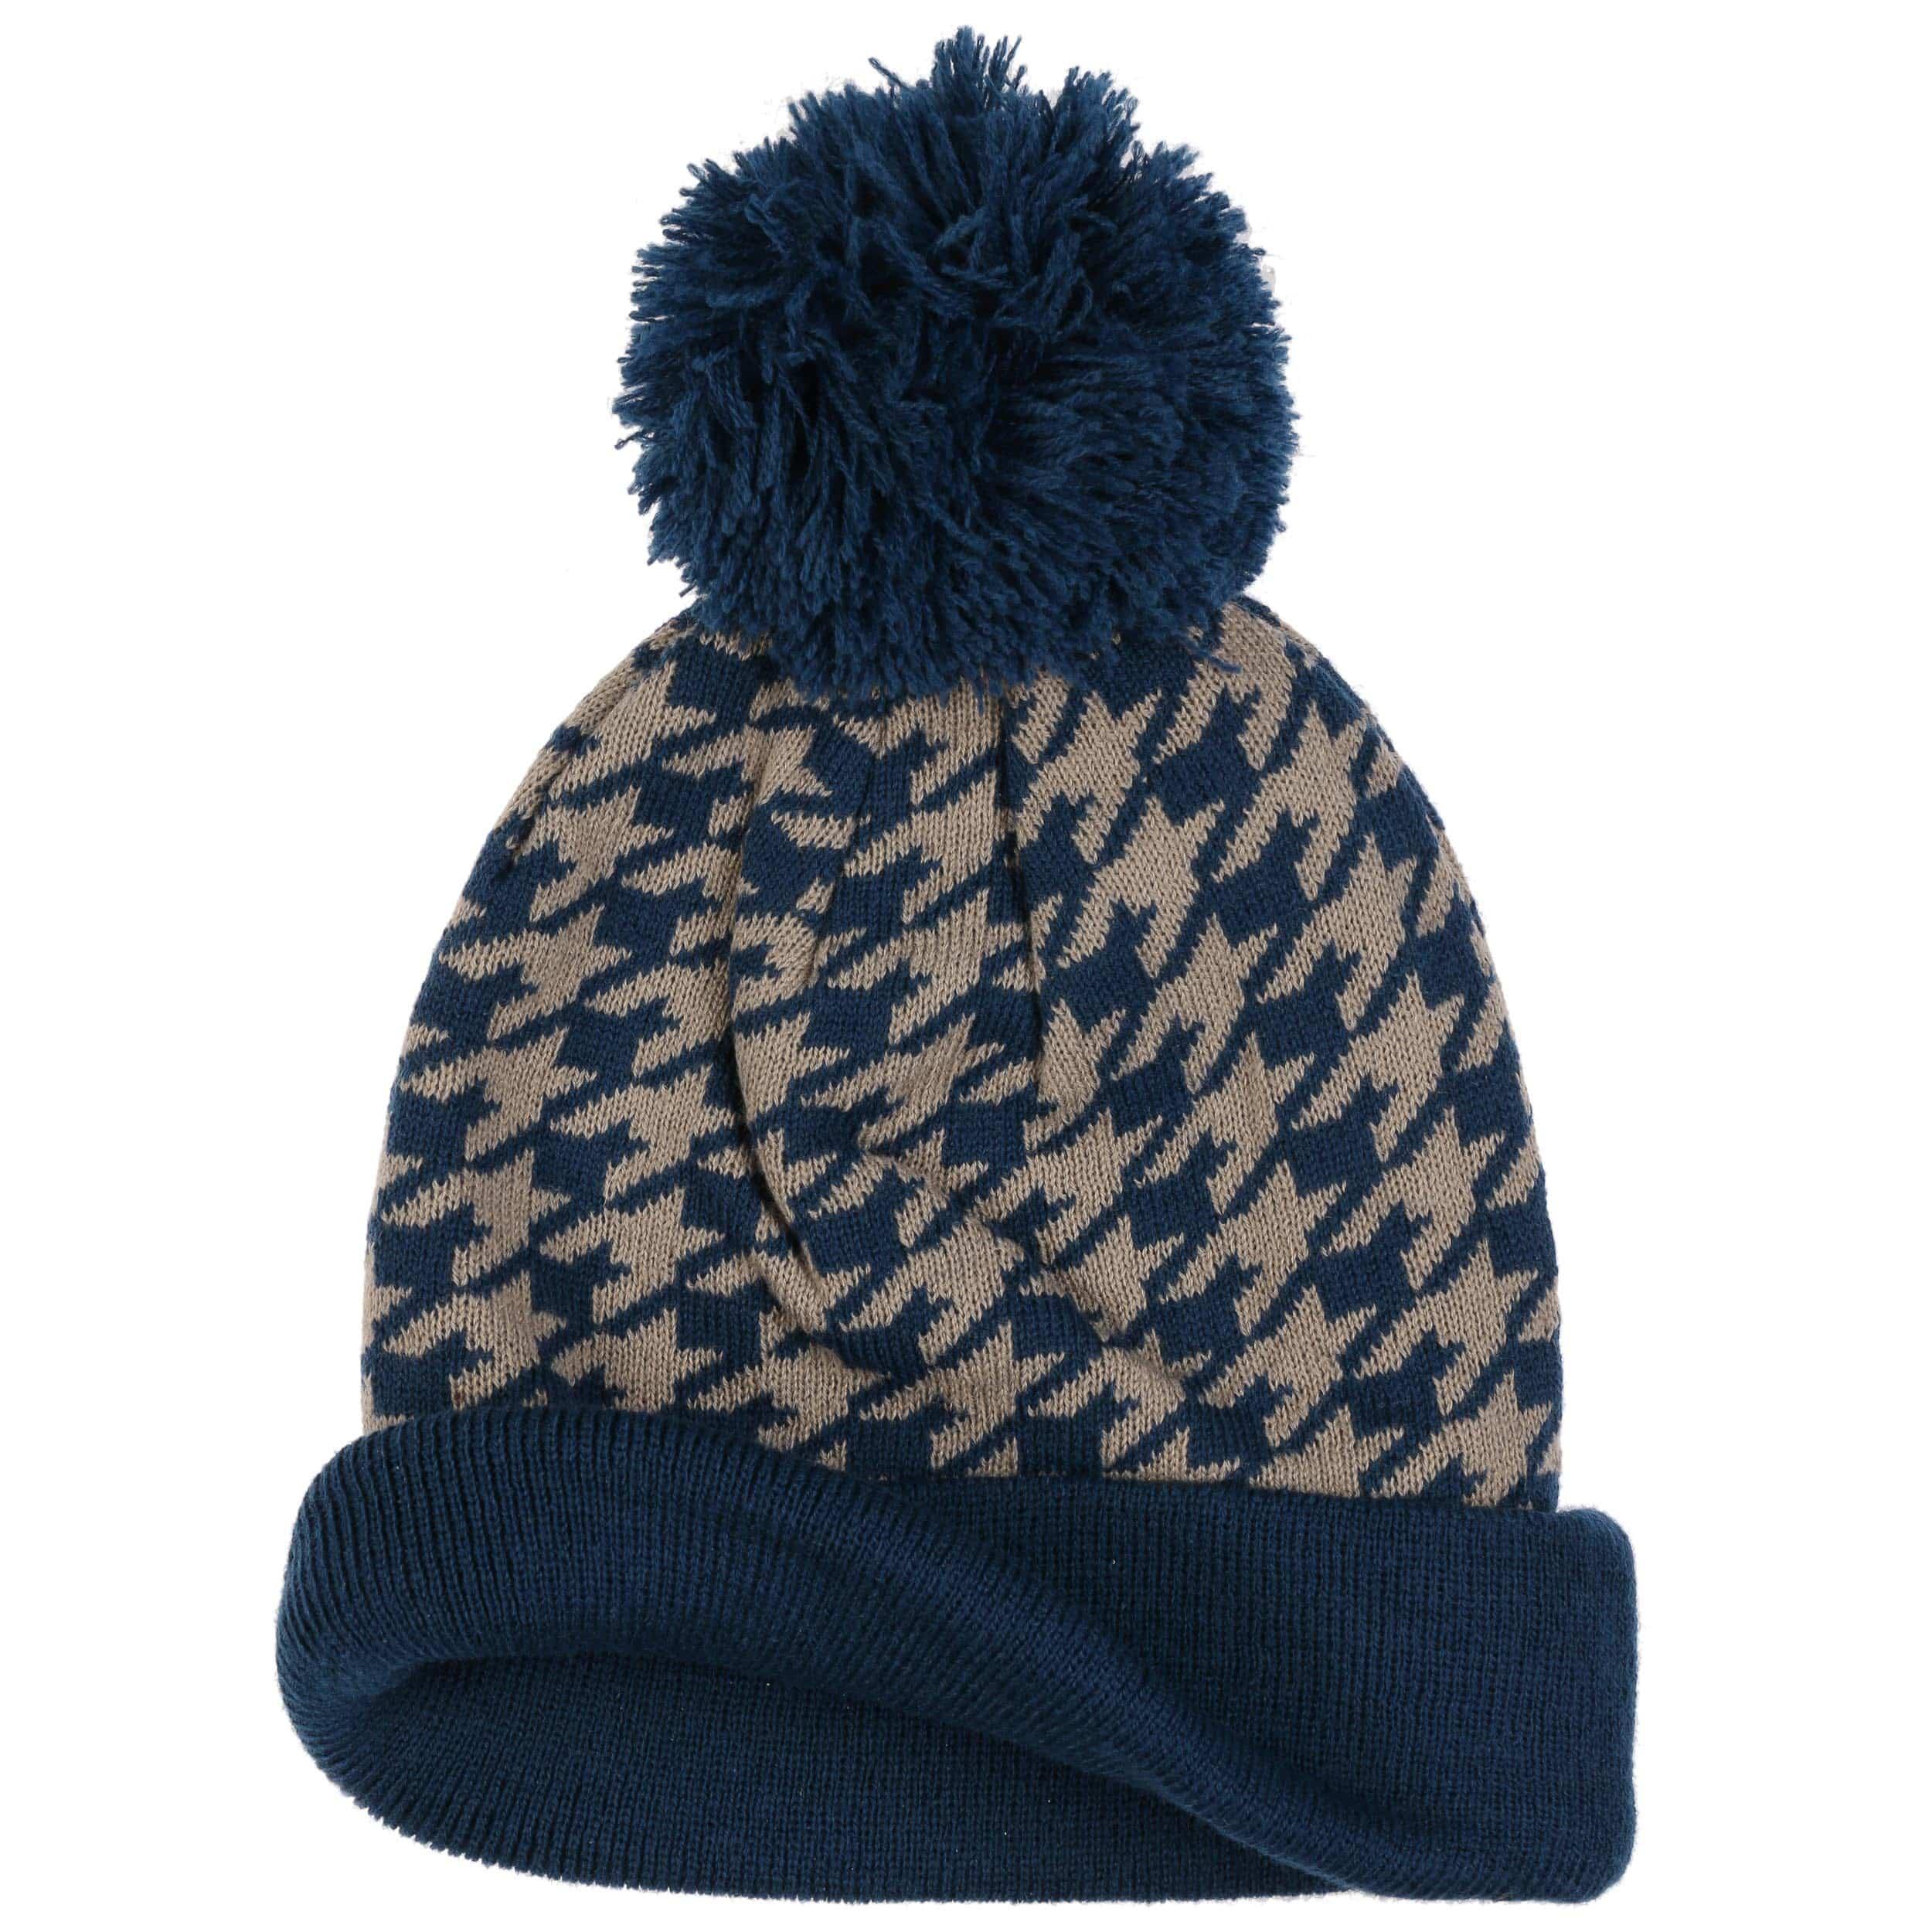 1b1924c7d9e36 Bonnet à Pompon Houndstooth - bleu foncé 1 ...